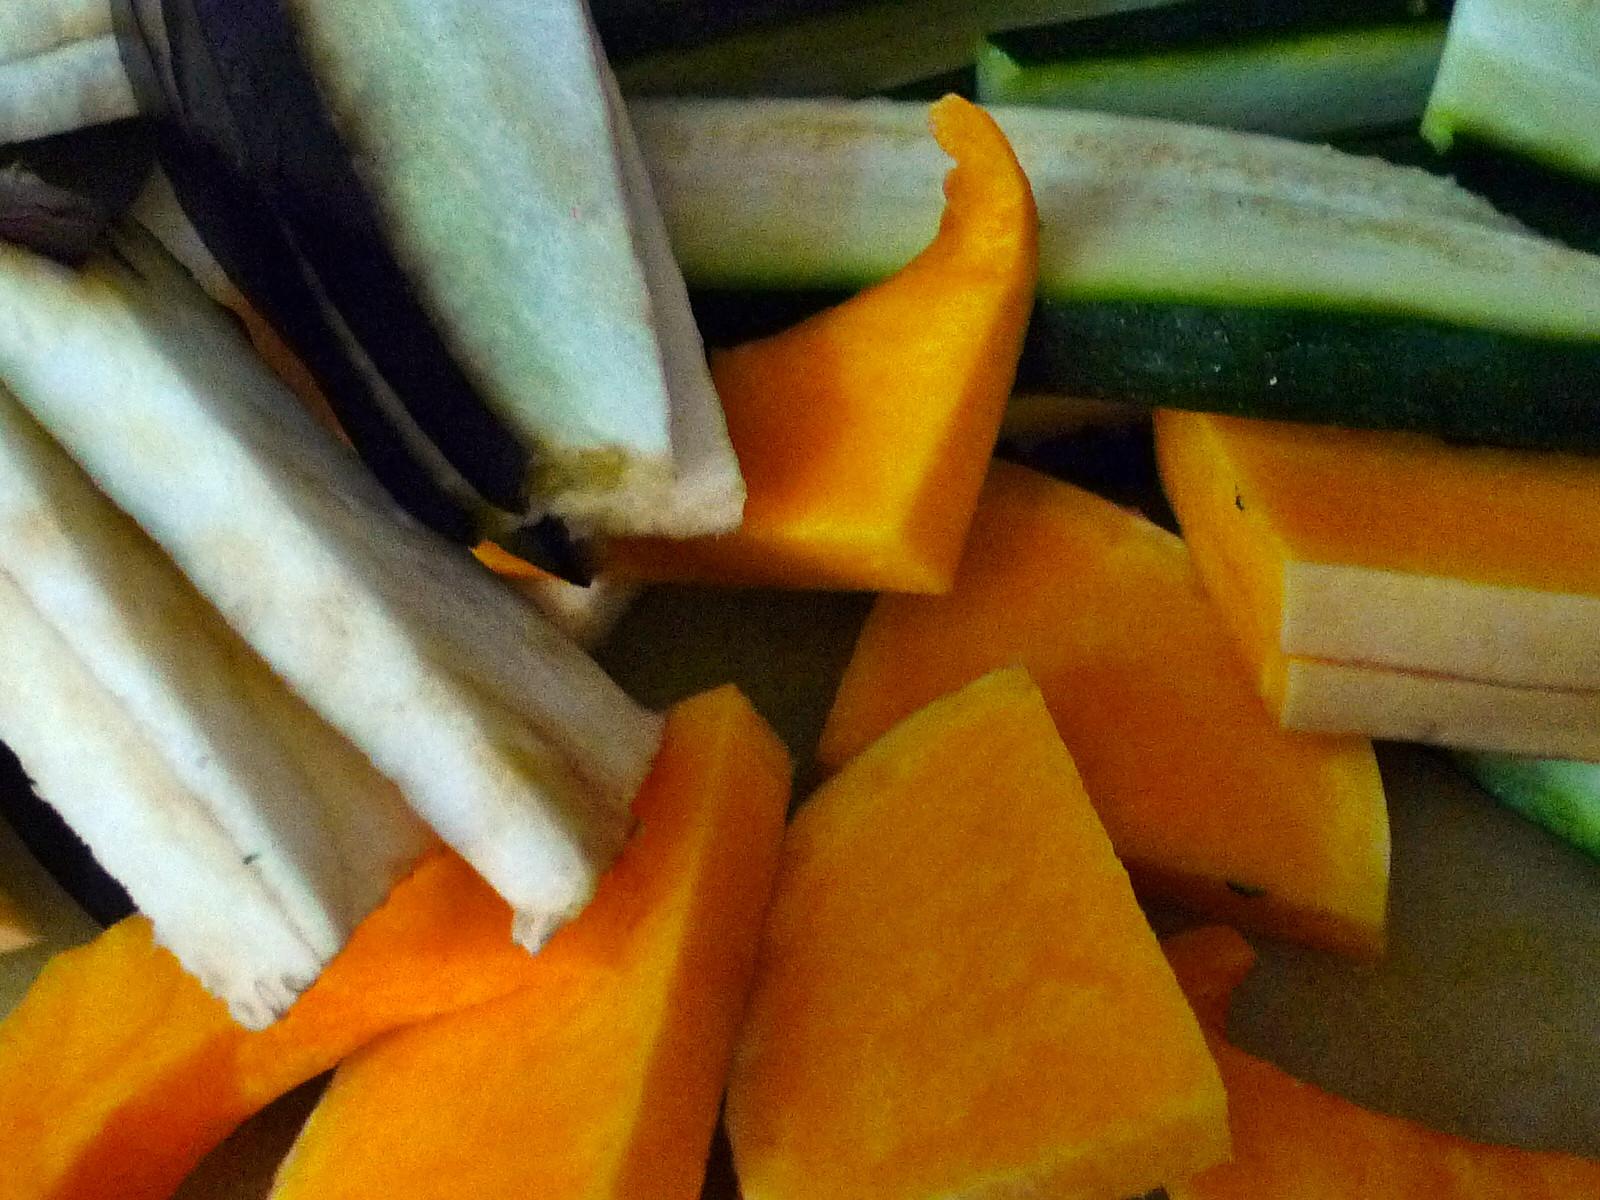 Nudeln mit Bärlauchpesto,Gemüse-4.12.14   (2)